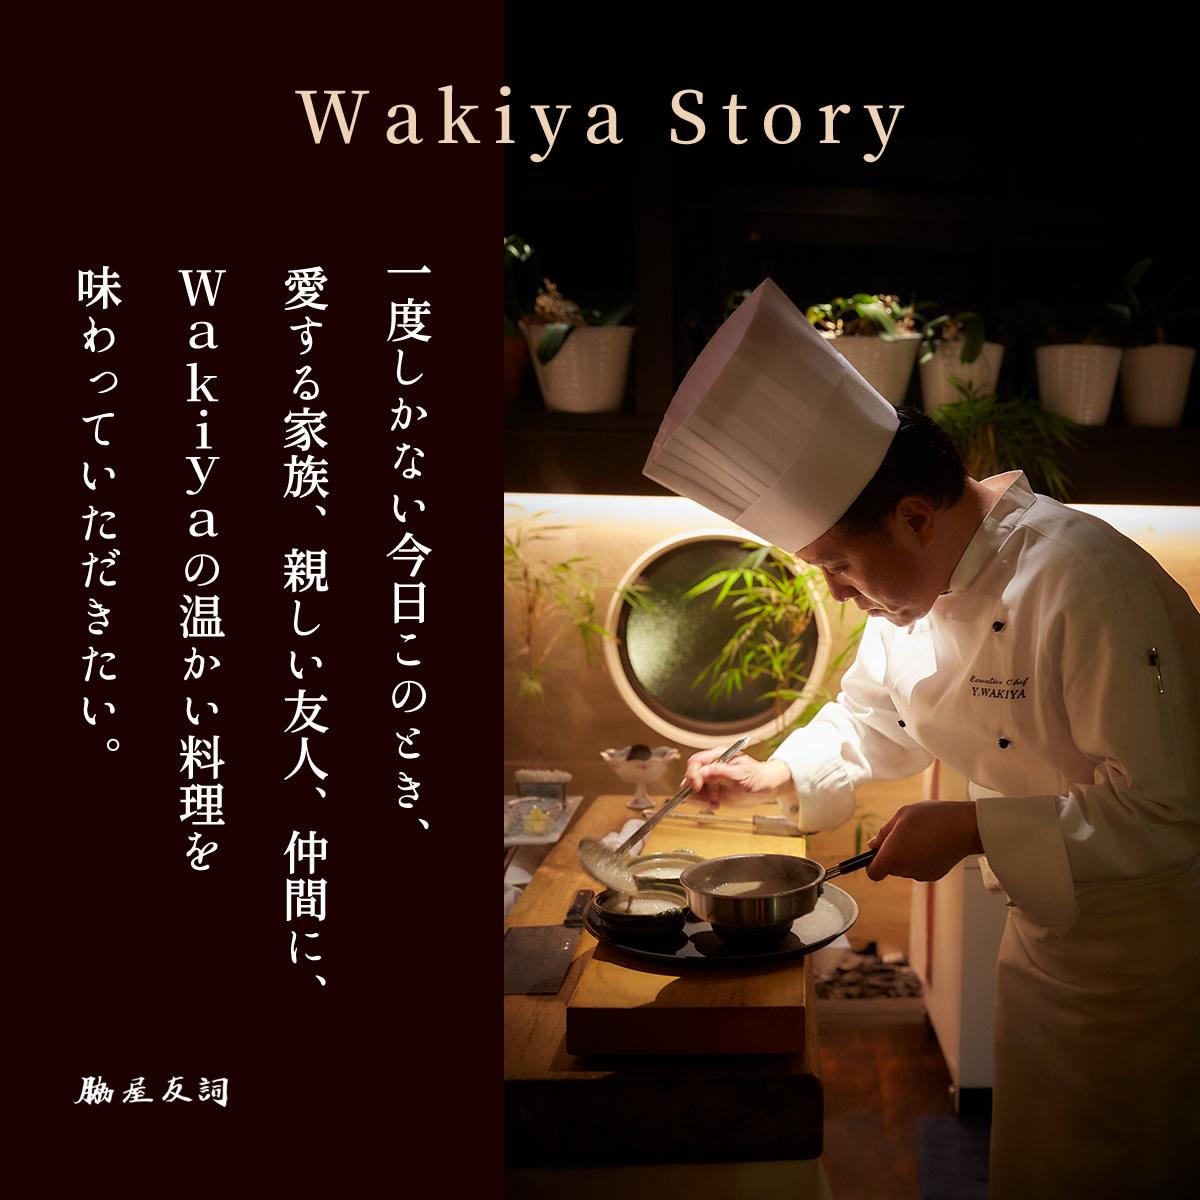 Wakiya Story